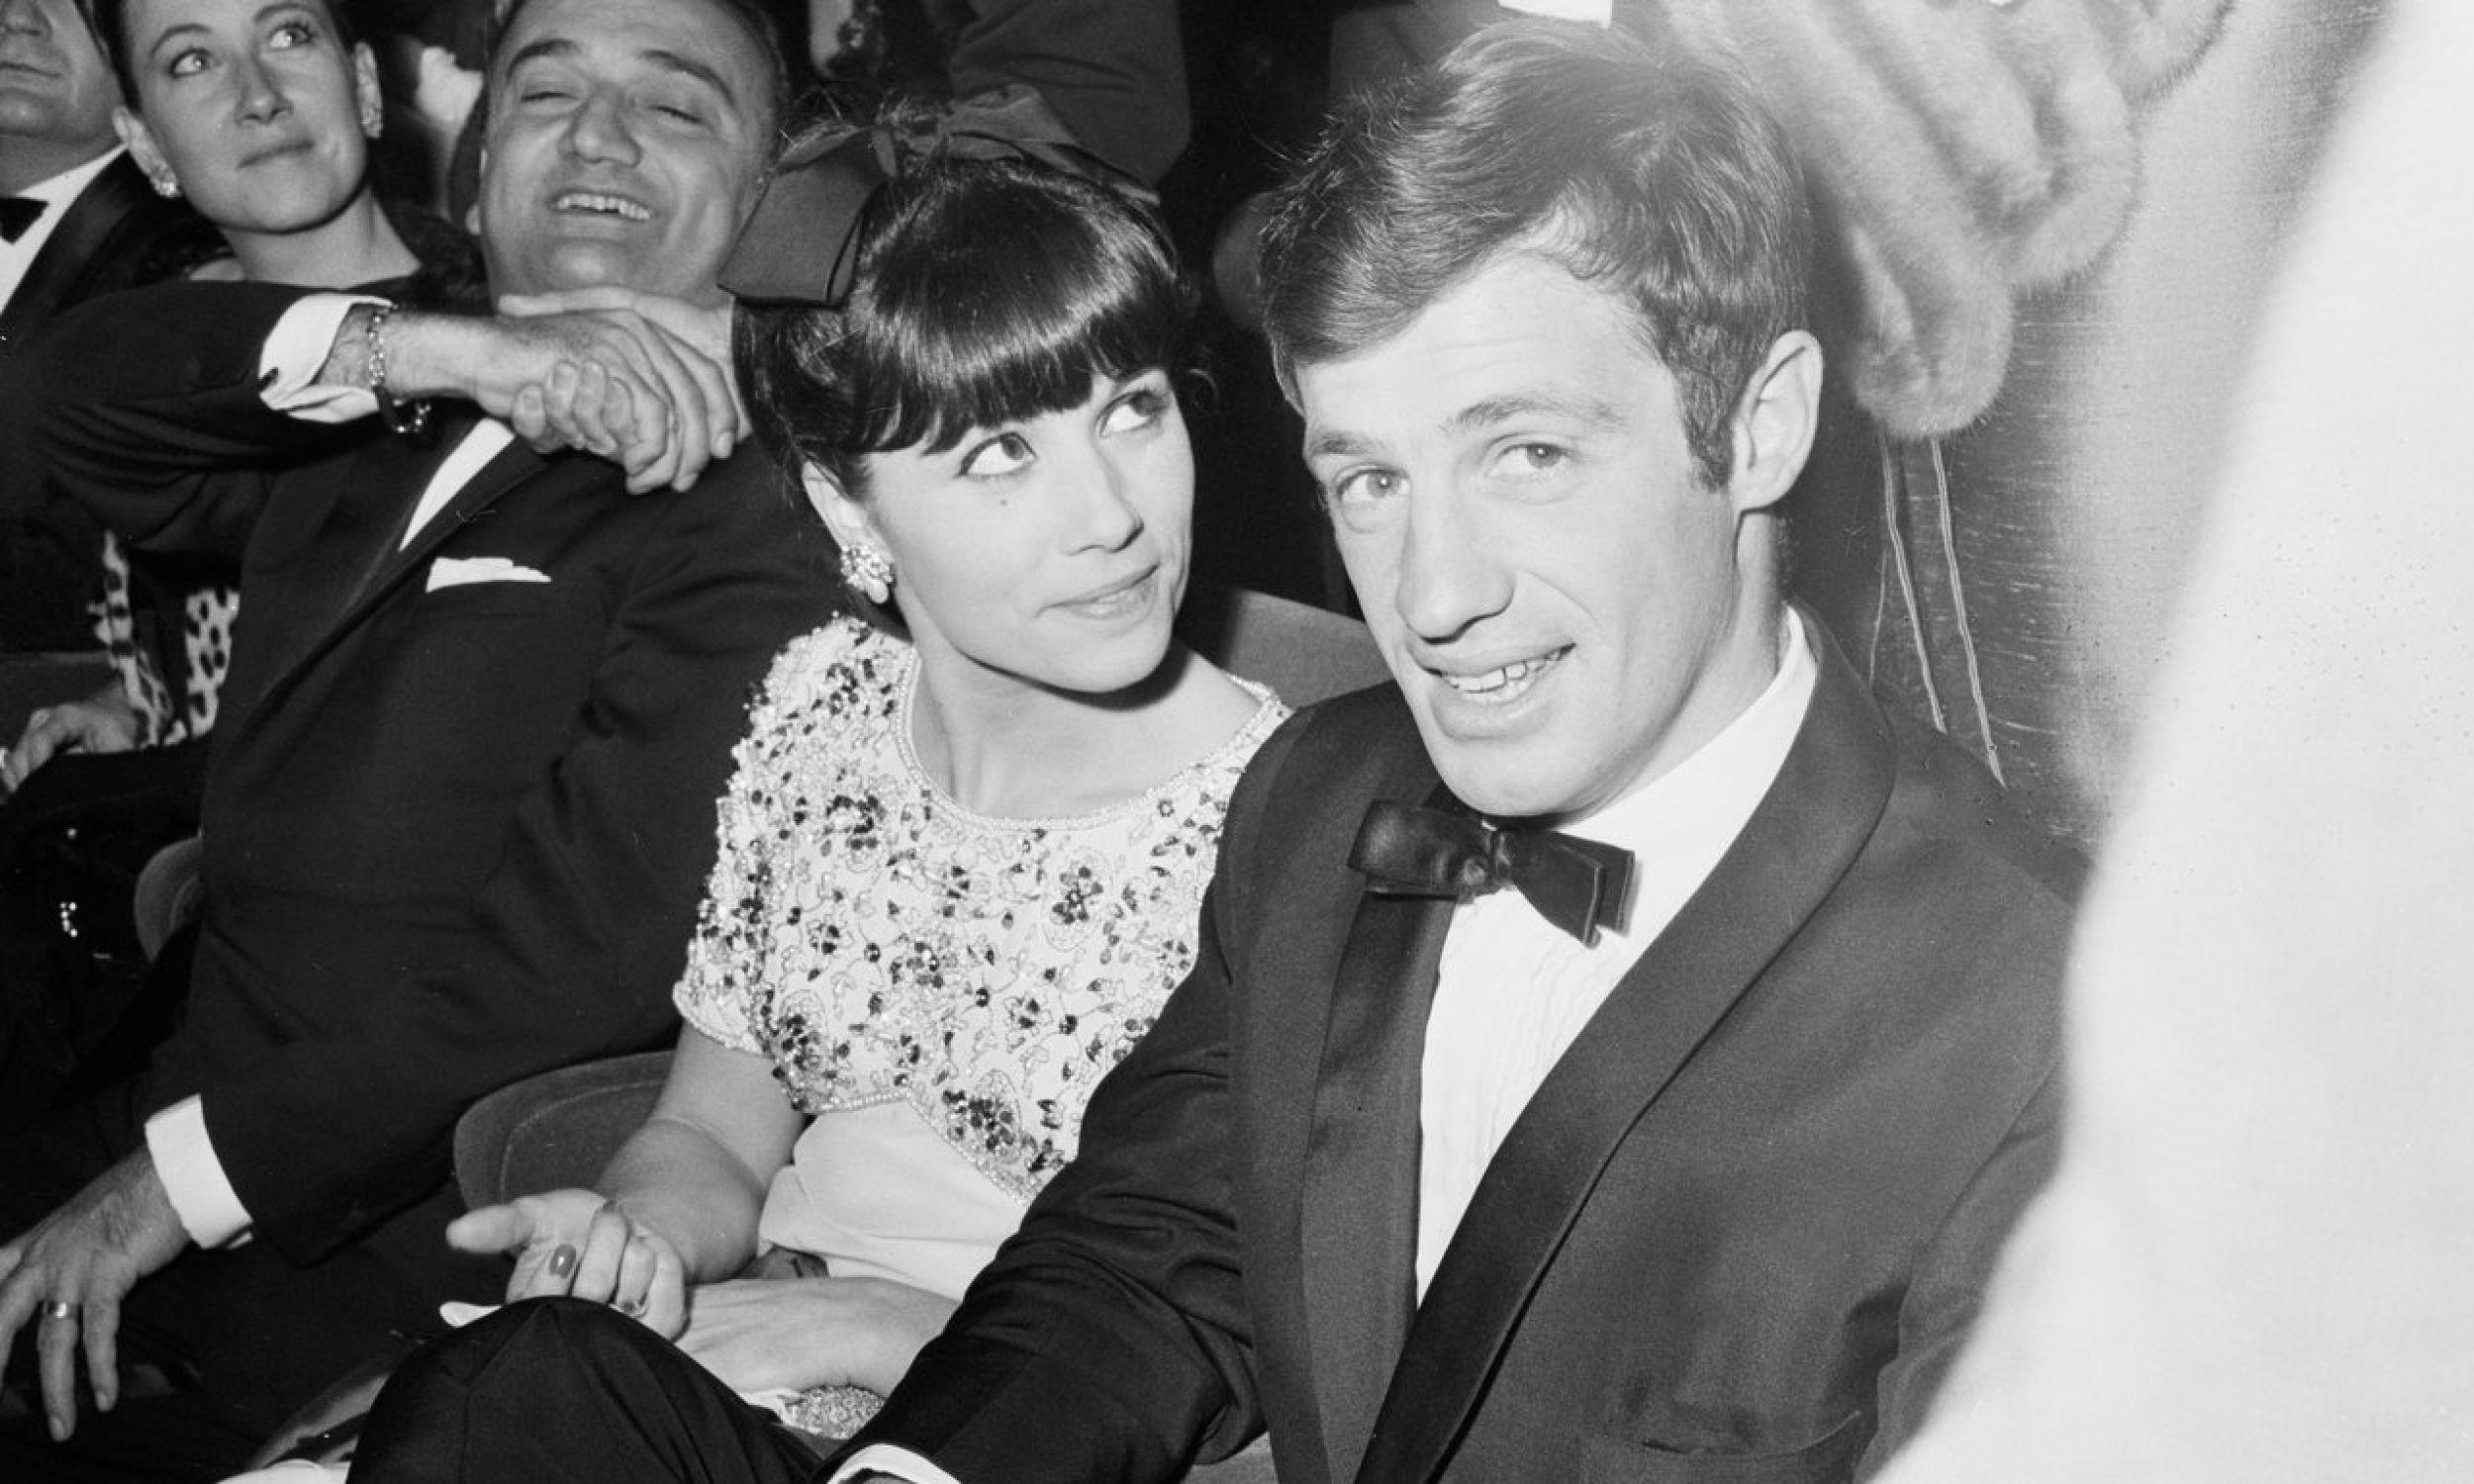 """Podczas wieczornych eskapad z kumplami po knajpach, Jean-Paul poznał niewysoką tancerkę. Zagadał do niej imieniem Elodie. – Mam na imie Renée – odrzekła. Młodziutka para (on 20 lat, ona 19) pobrała się, szybko doczekała się trojga dzieci. Małżeństwo potrwało od 1952 do 1968 r. – ostatnie trzy lata byli w separacji). Belmondo i Renée/Elodie Constantin podczas premiery filmu """"Weekend w Zuydcoote"""" w Paryżu, 1964 r. Fot. KEYSTONE-FRANCE/Gamma-Rapho via  Getty Images"""